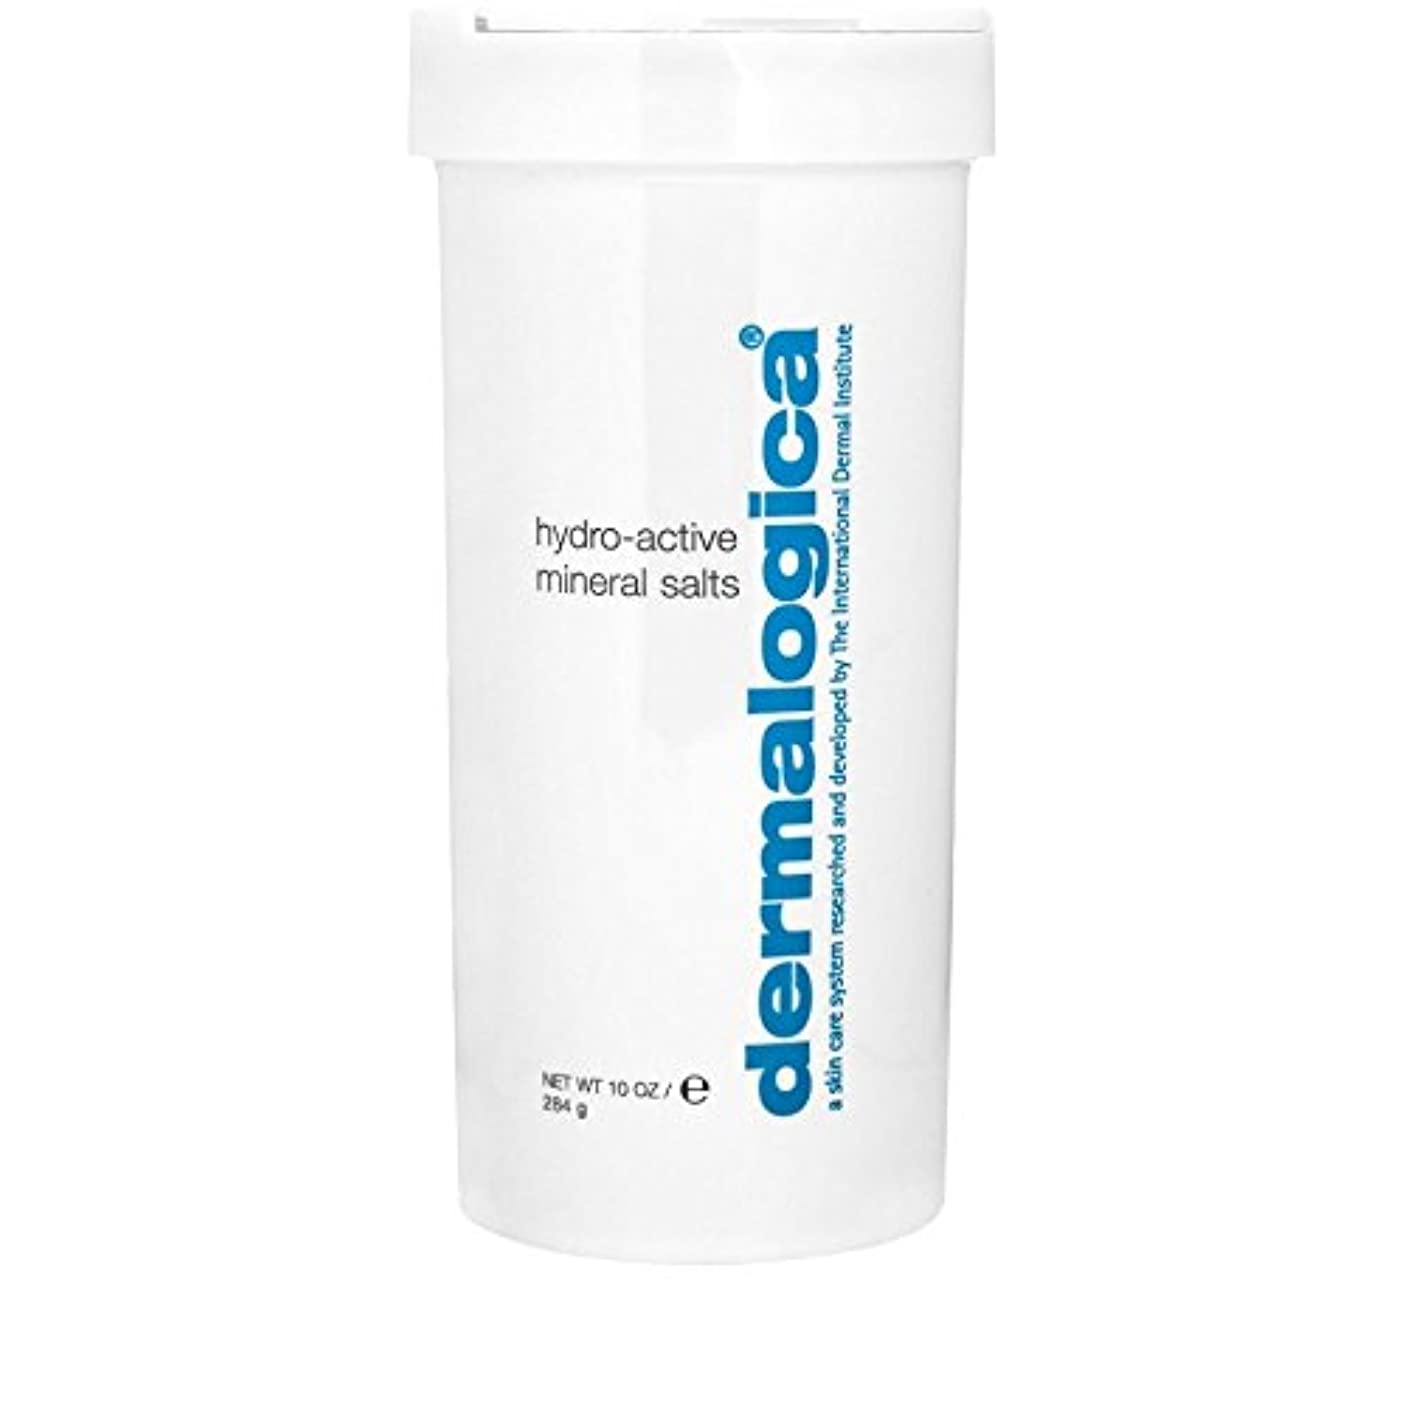 サークル施設聞くDermalogica Hydro Active Mineral Salt 284g (Pack of 6) - ダーマロジカ水力アクティブミネラル塩284グラム x6 [並行輸入品]